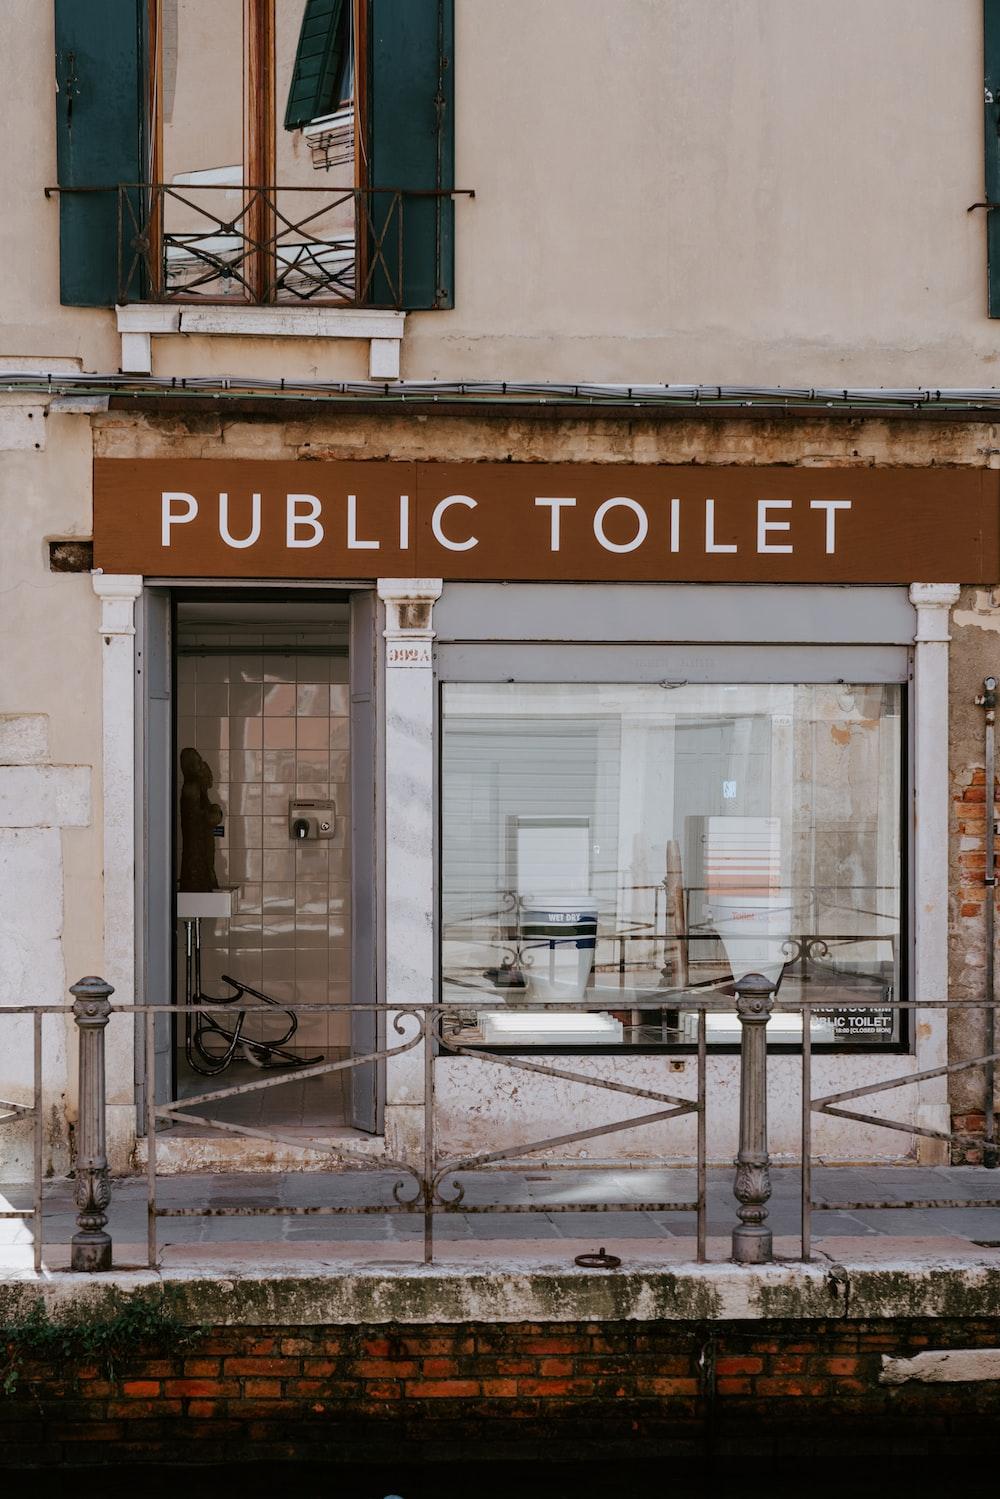 Public Toilet building